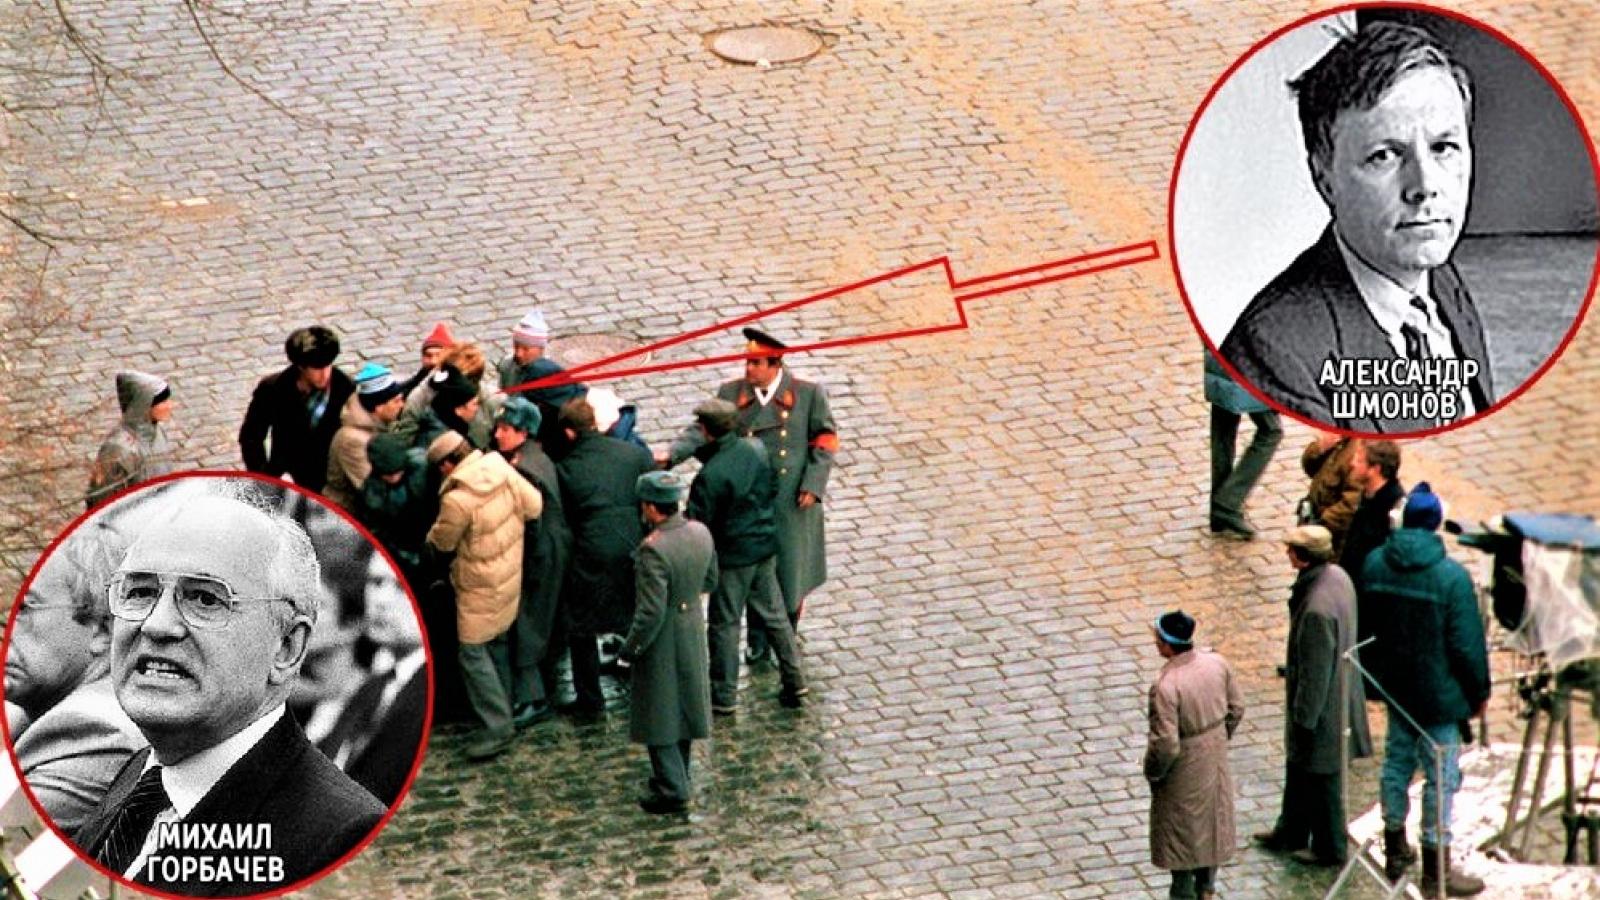 Nhà lãnh đạo Liên Xô Mikhail Gorbachev từng bị ám sát hụt 1990